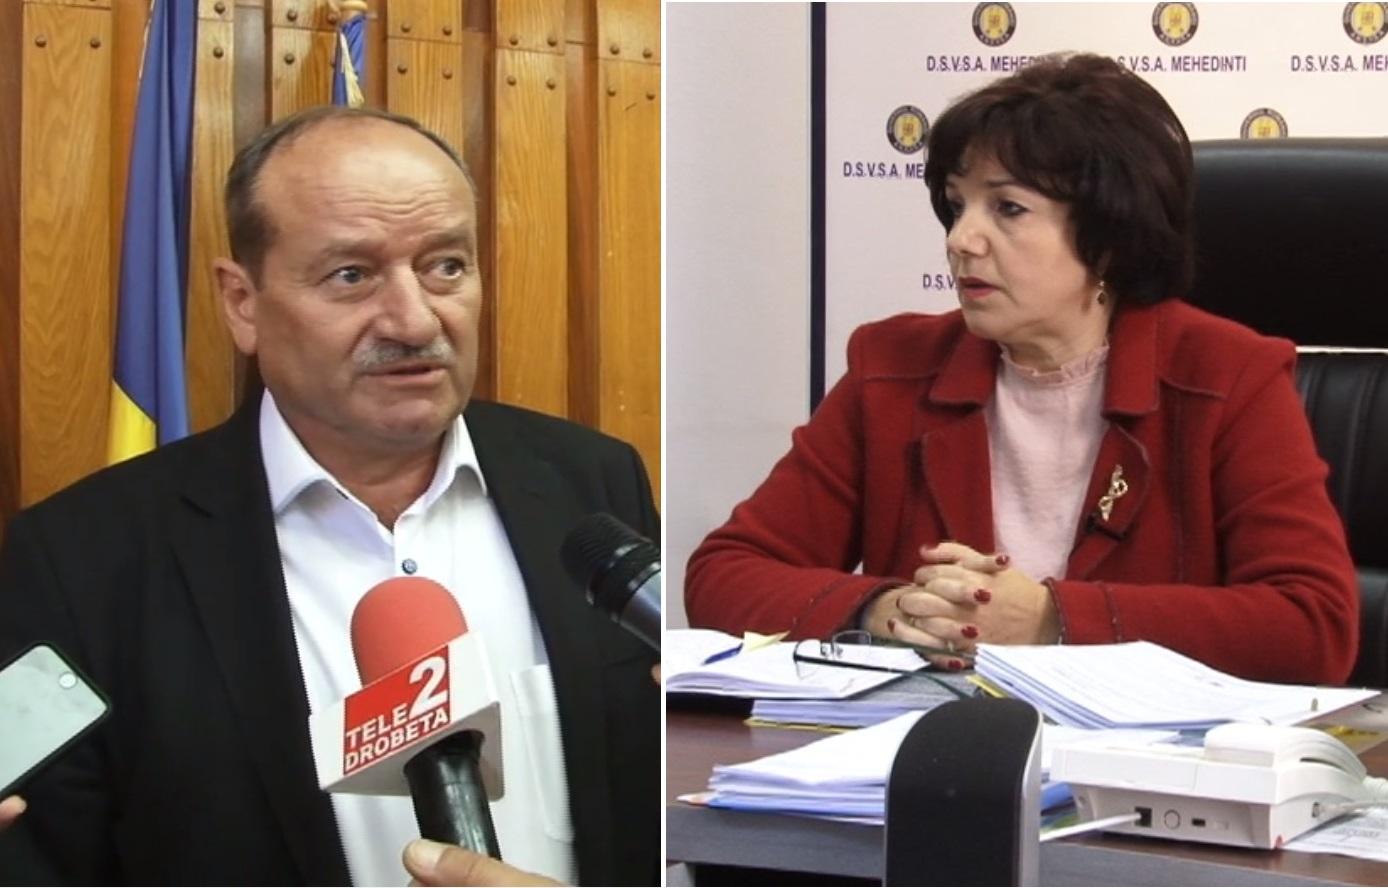 """PREFECTUL ACUZĂ DSVSA MEHEDINȚI DE """"TUPEU ȘI NESIMȚIRE"""""""